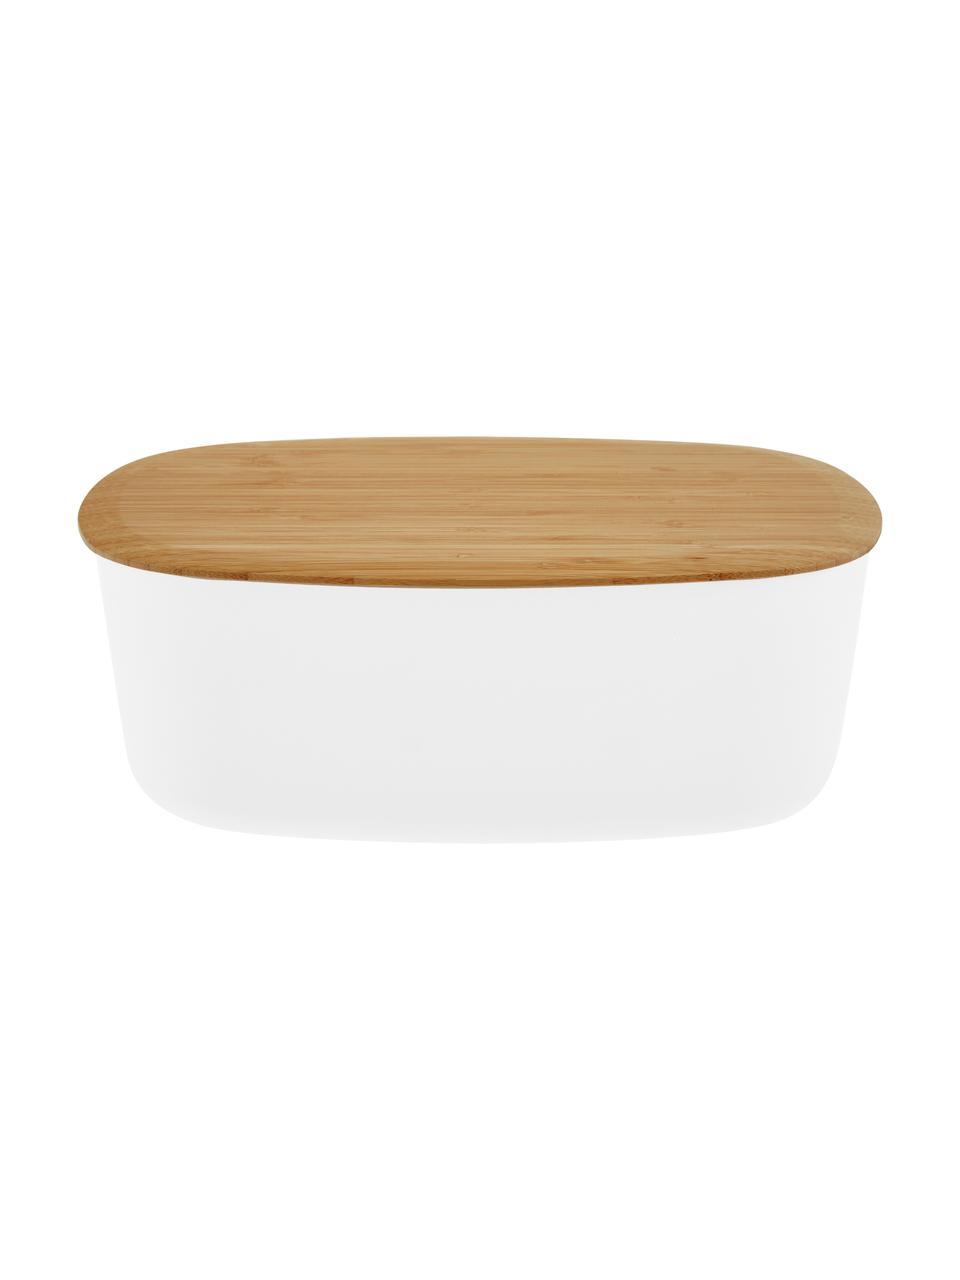 Chlebak z pokrywką z bambusa Box-It, Pojemnik: biały Pokrywka: brązowy, 35 x 12 cm